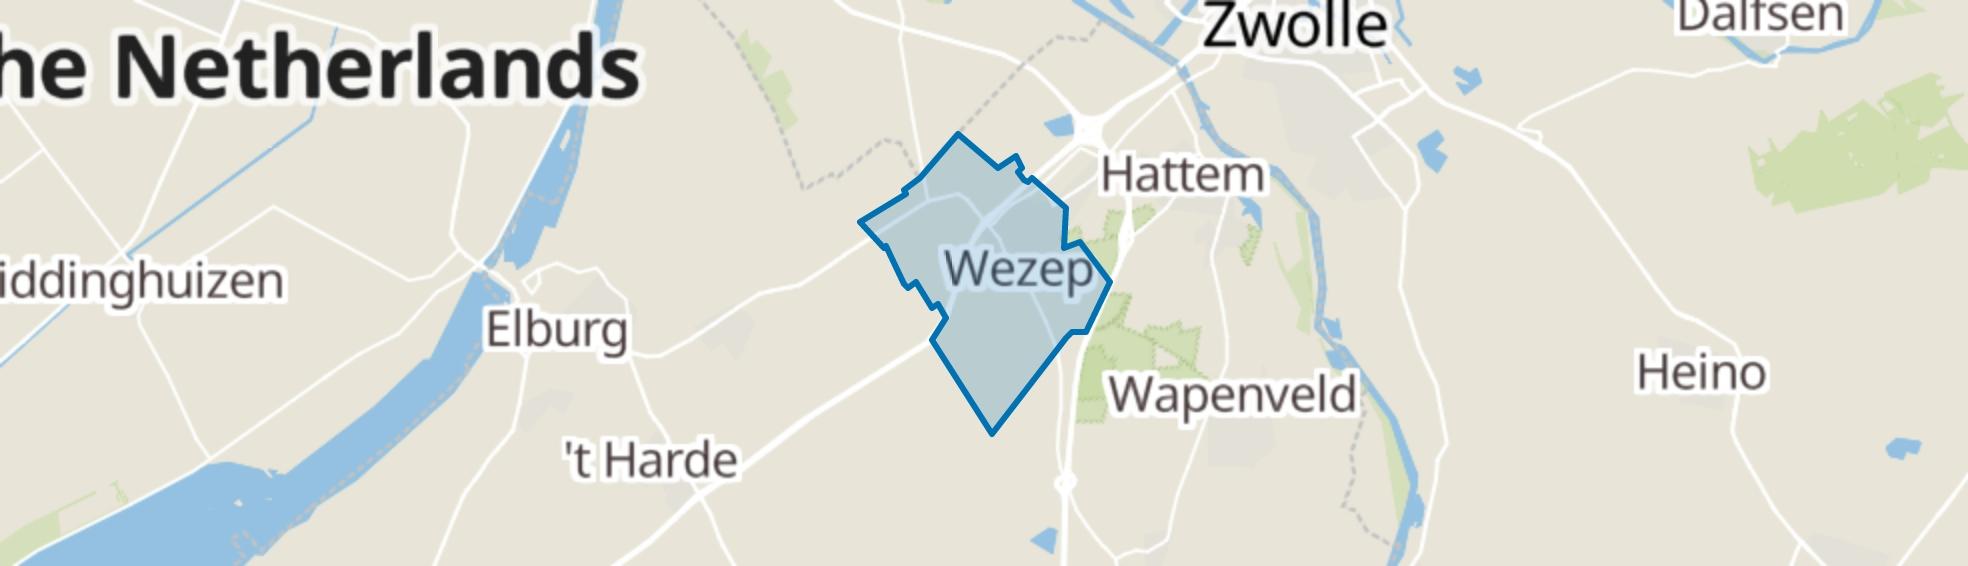 Wezep map